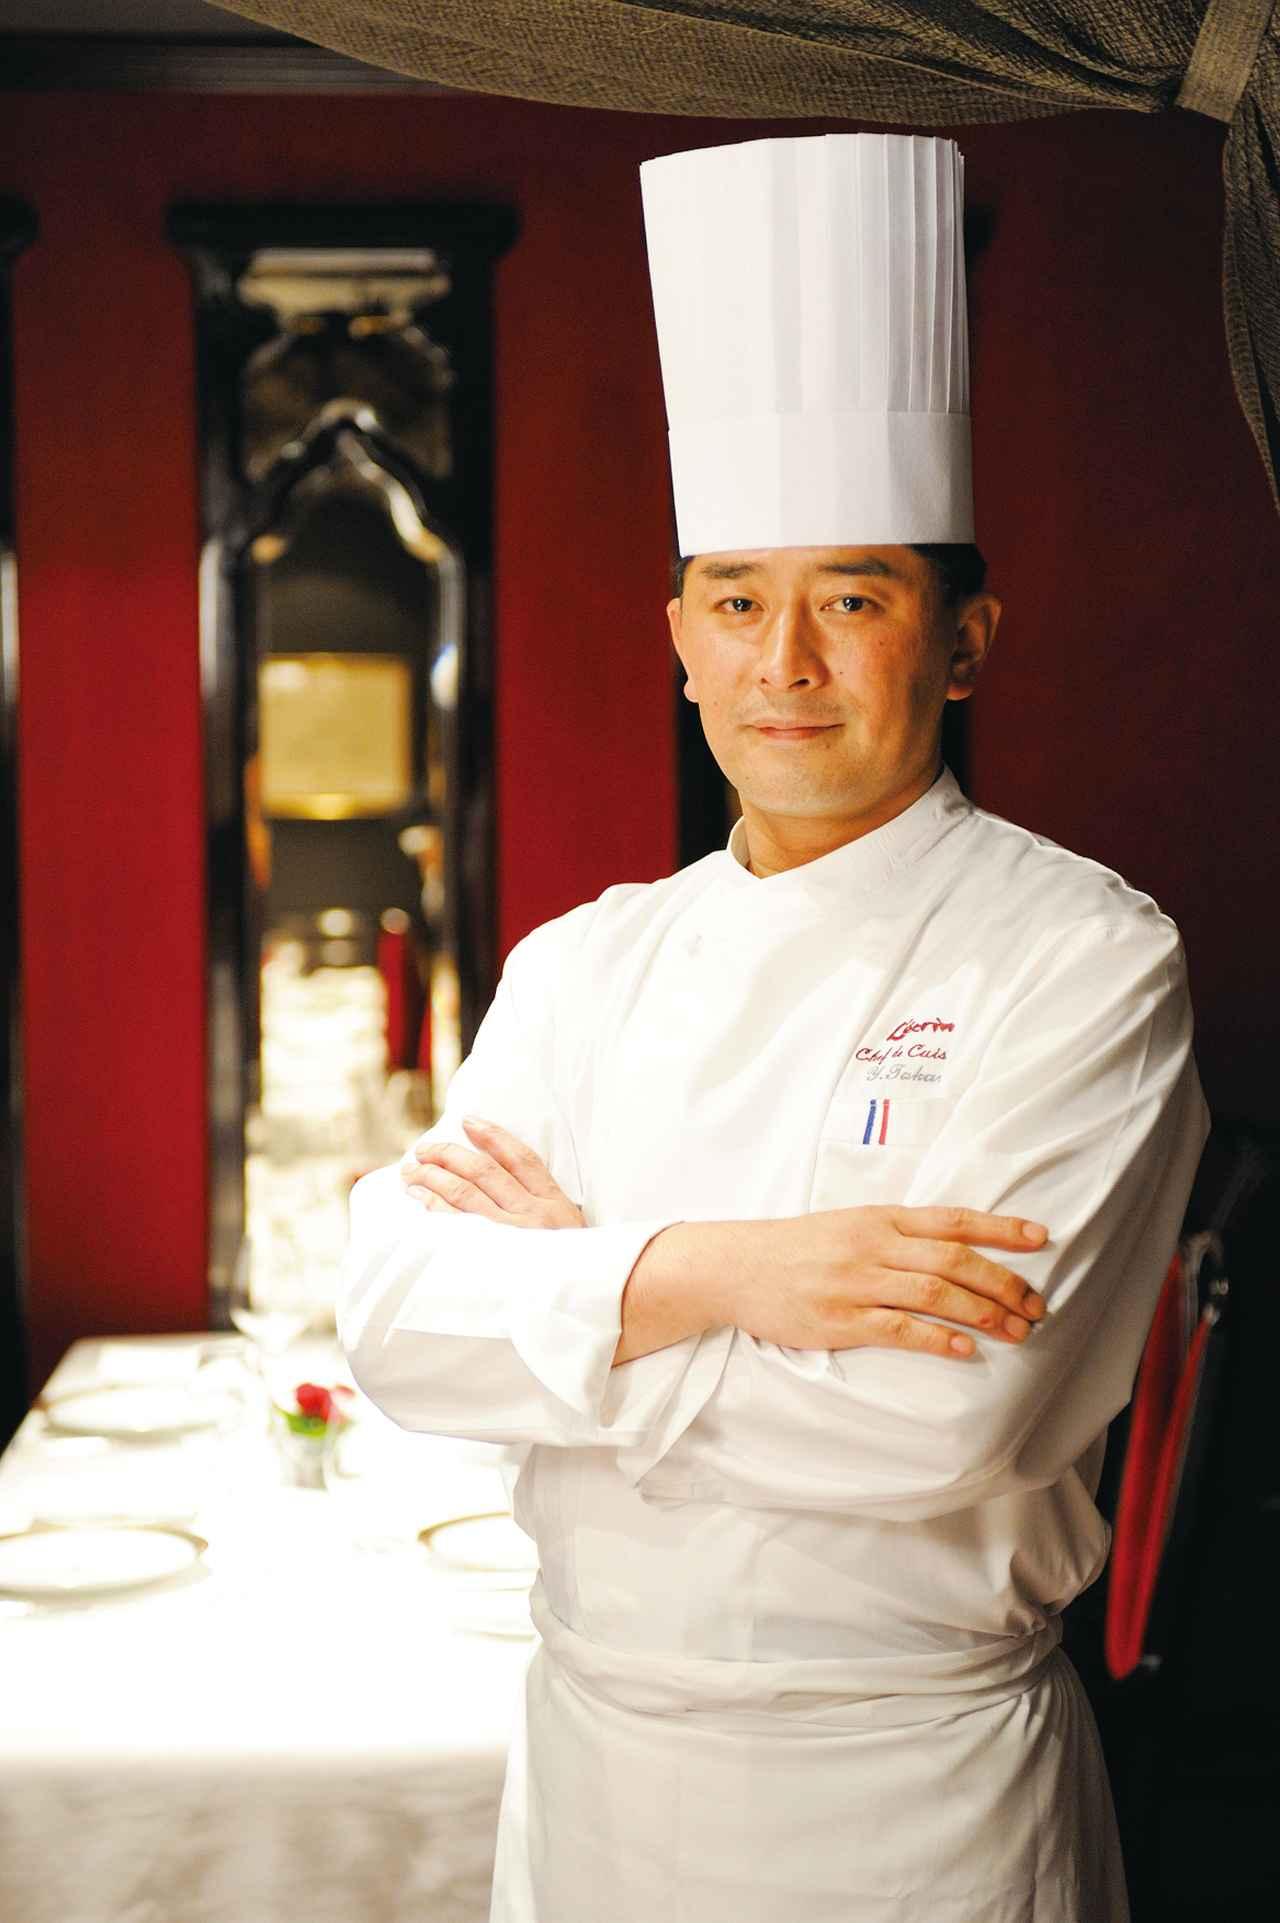 画像: 高良康之/1989年より渡仏し修行。帰国後は様々な店舗で料理長を歴任。2007年より銀座レカン料理長に就任。